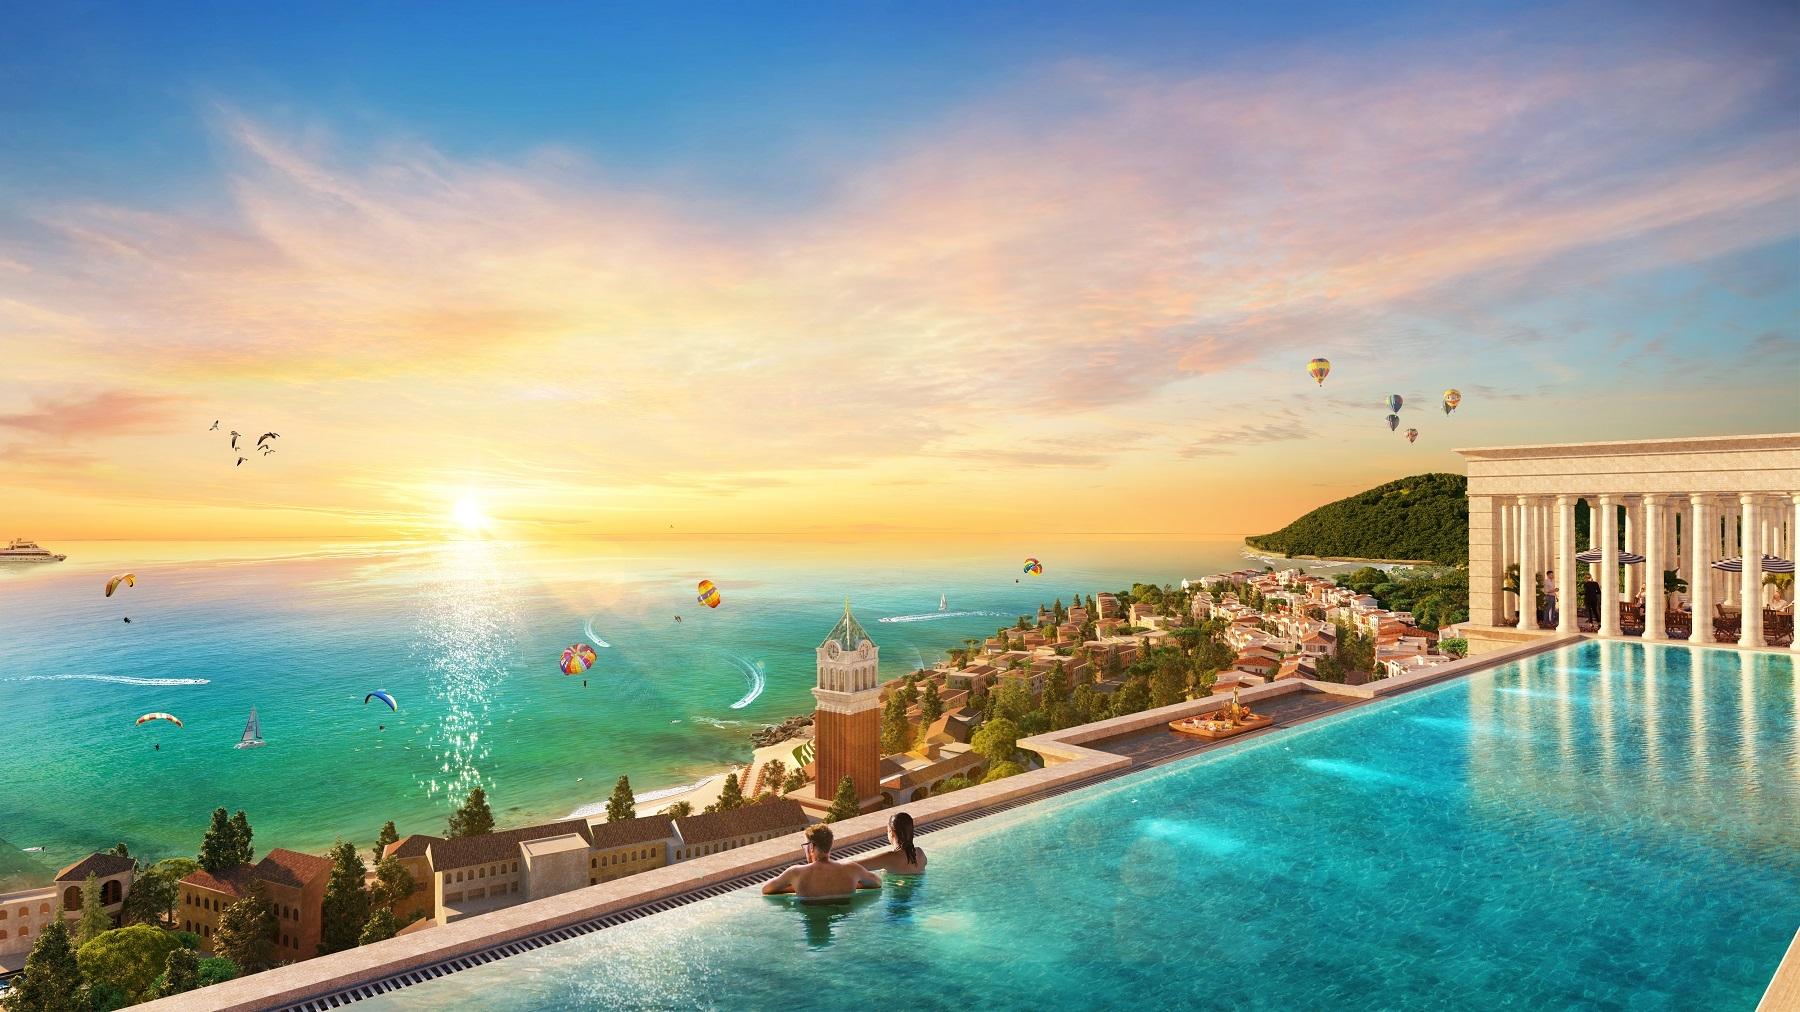 Sun Grand City Hillside Residence được kỳ vọng là dấu ấn khởi đầu cho TP Phú Quốc hiện đại, sáng rực rỡ bên bờ biển